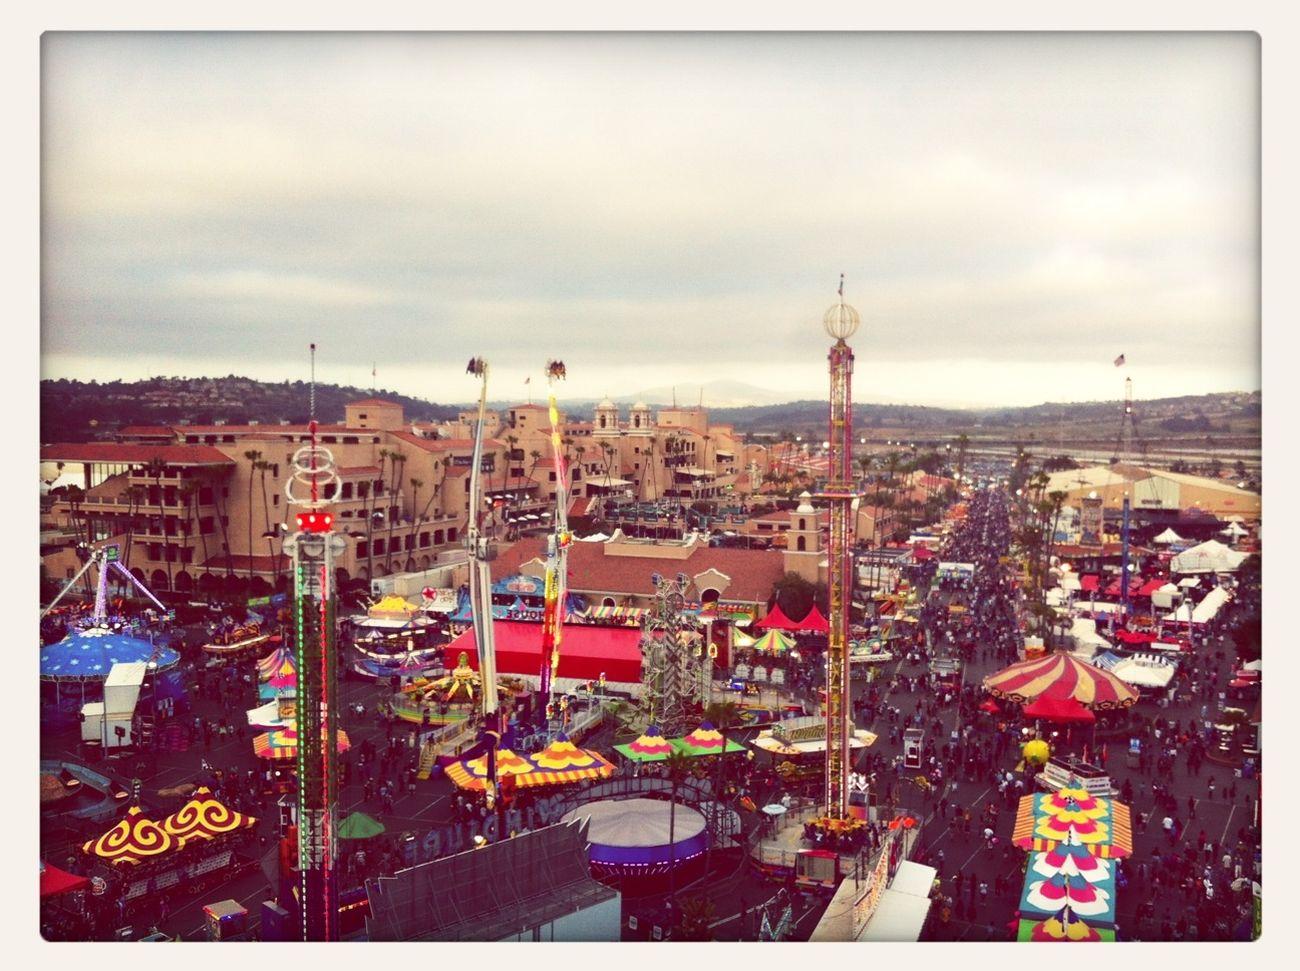 At Fair!